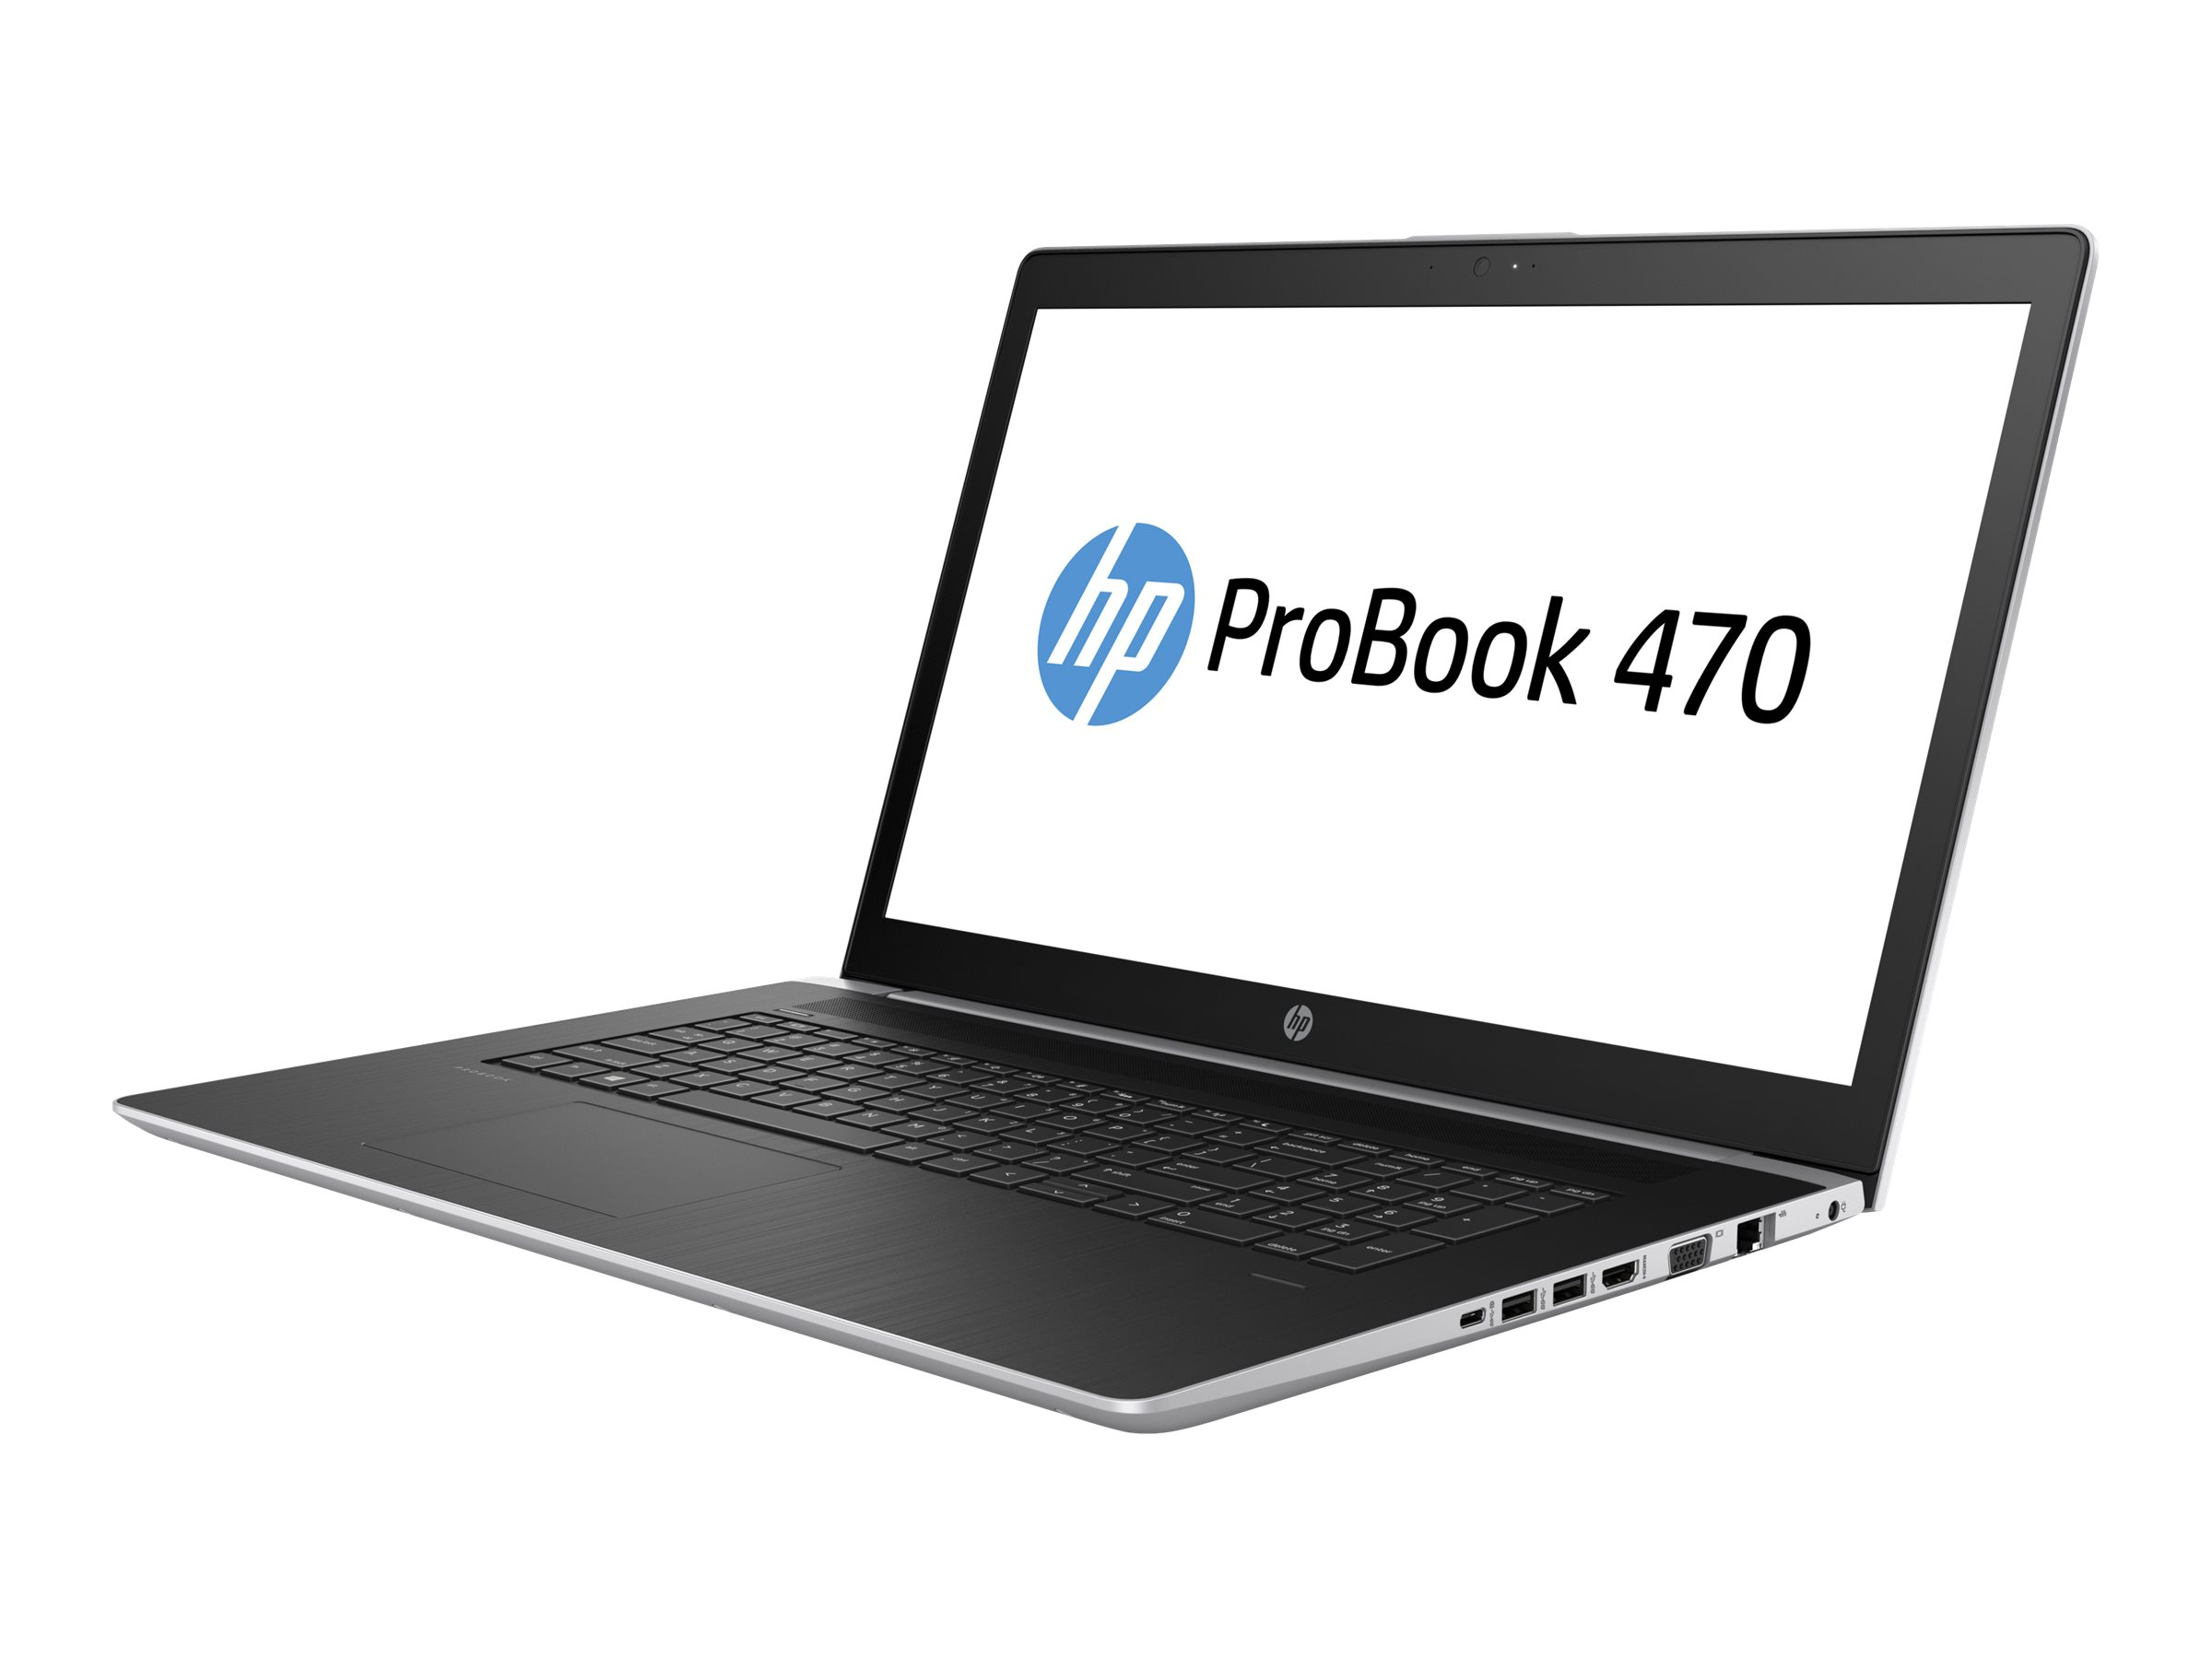 HP ProBook 470 G5 Silber Notebook 43,9 cm (17.3 Zoll) 1920 x 1080 Pixel 1,60 GHz Intel? Core i5 der achten Generation i5